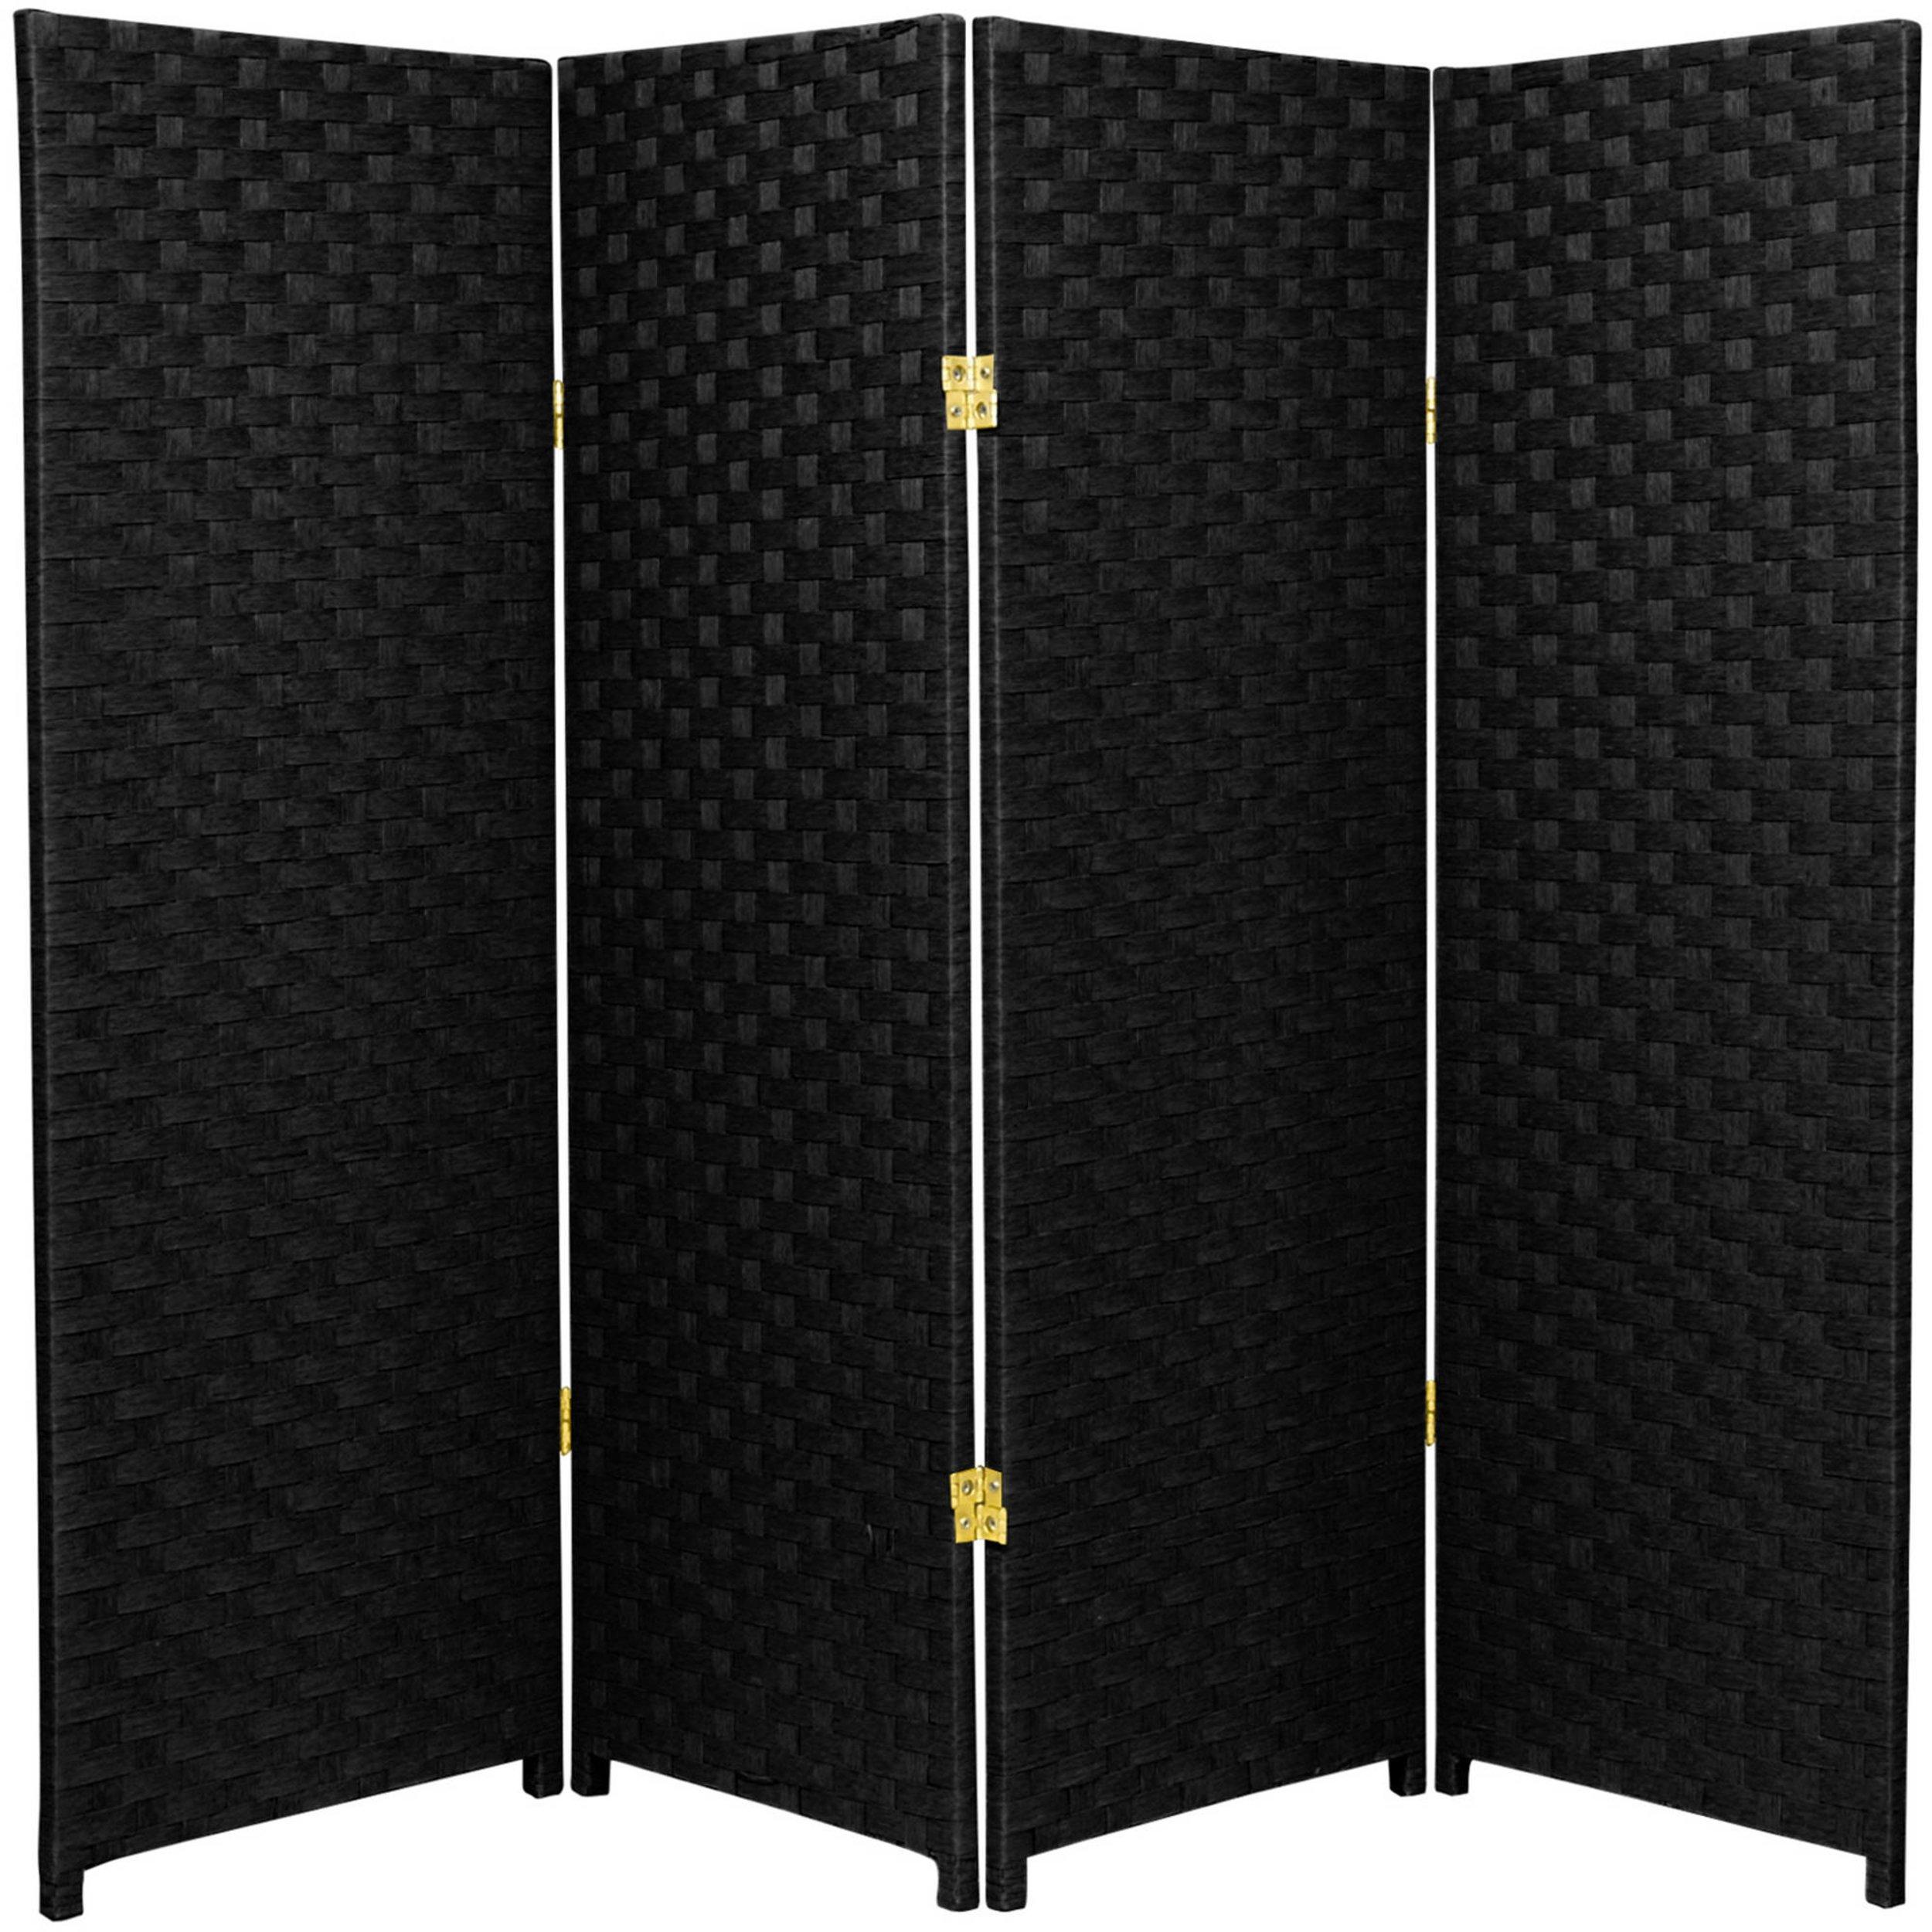 Natural Plant Fiber Woven Room Decor Black 4 Panels Divider by Oriental Furniture Panels Divider